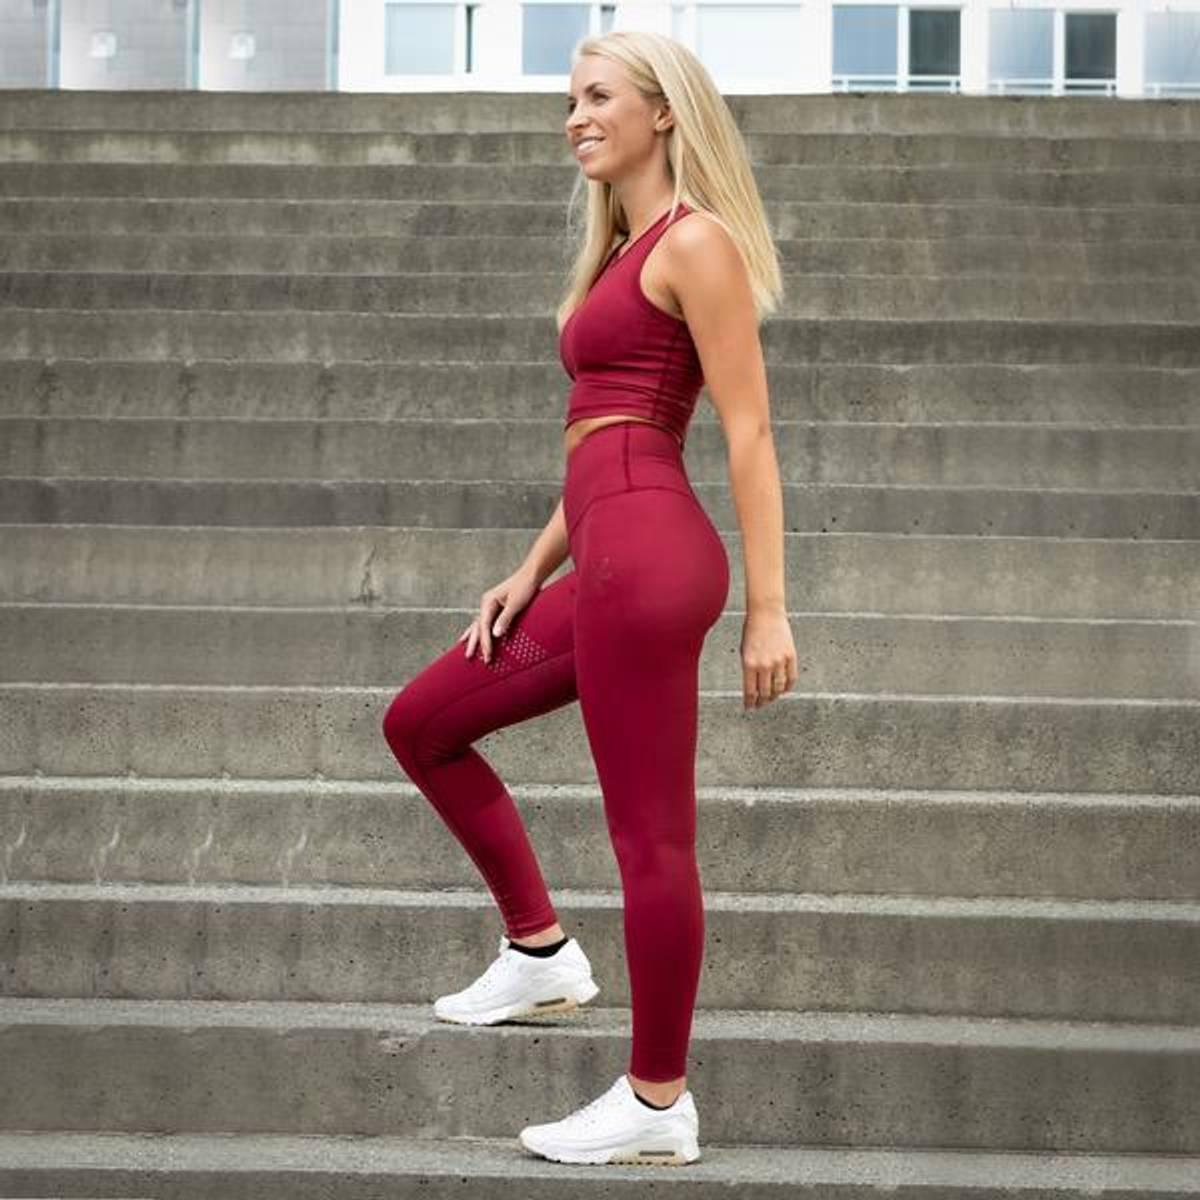 BARA Sportswear - Wine Shape Sportbra